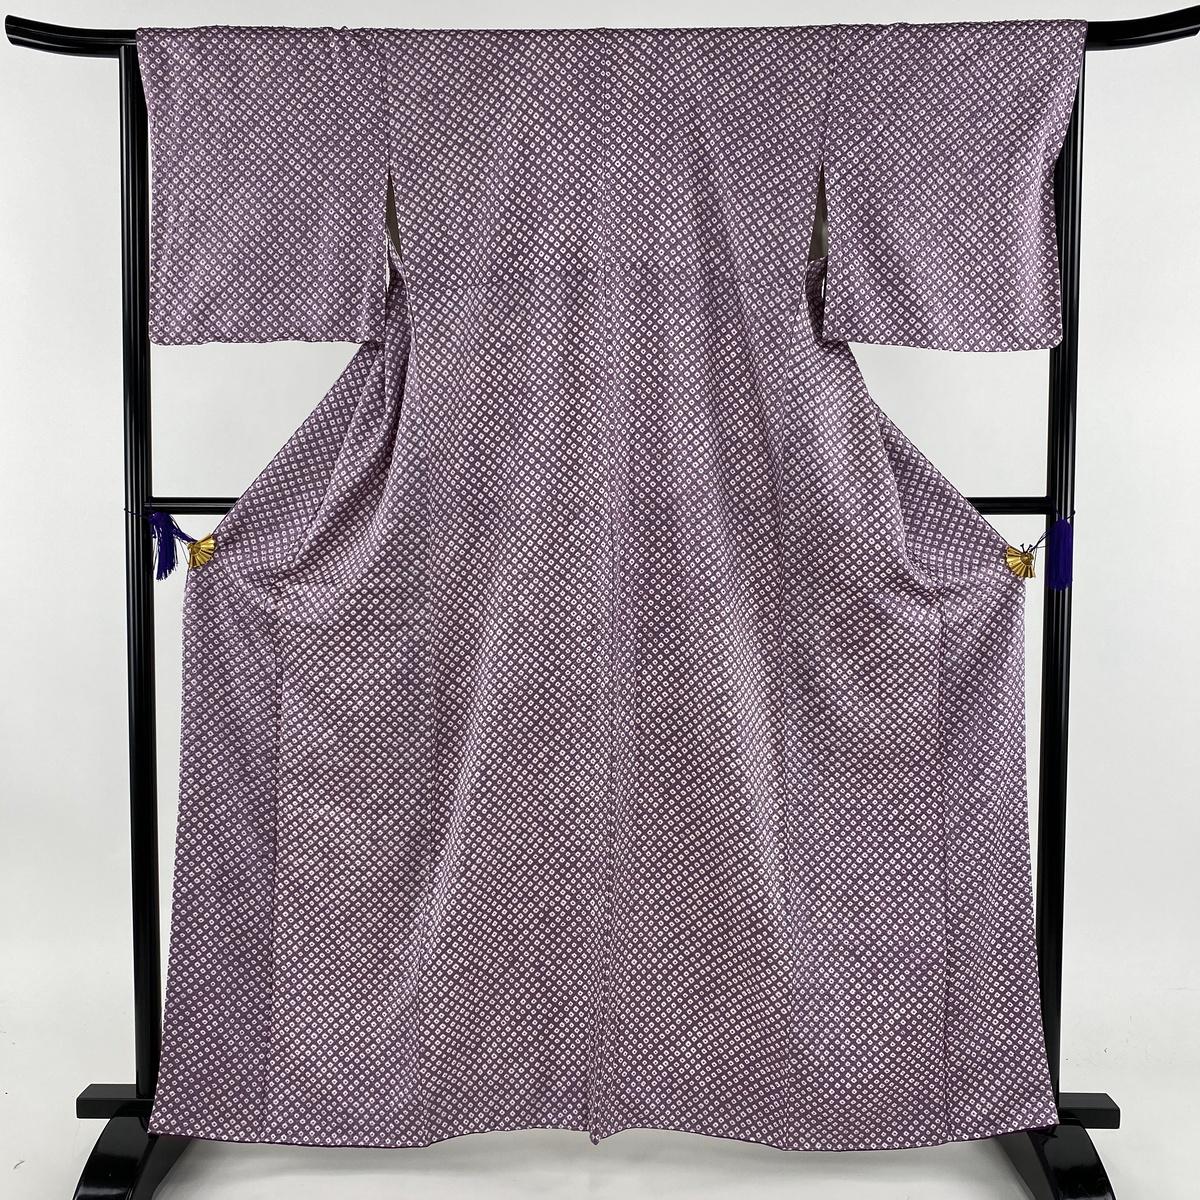 小紋 美品 秀品 総絞り 薄紫 袷 身丈163cm 裄丈65cm M 正絹 【中古】